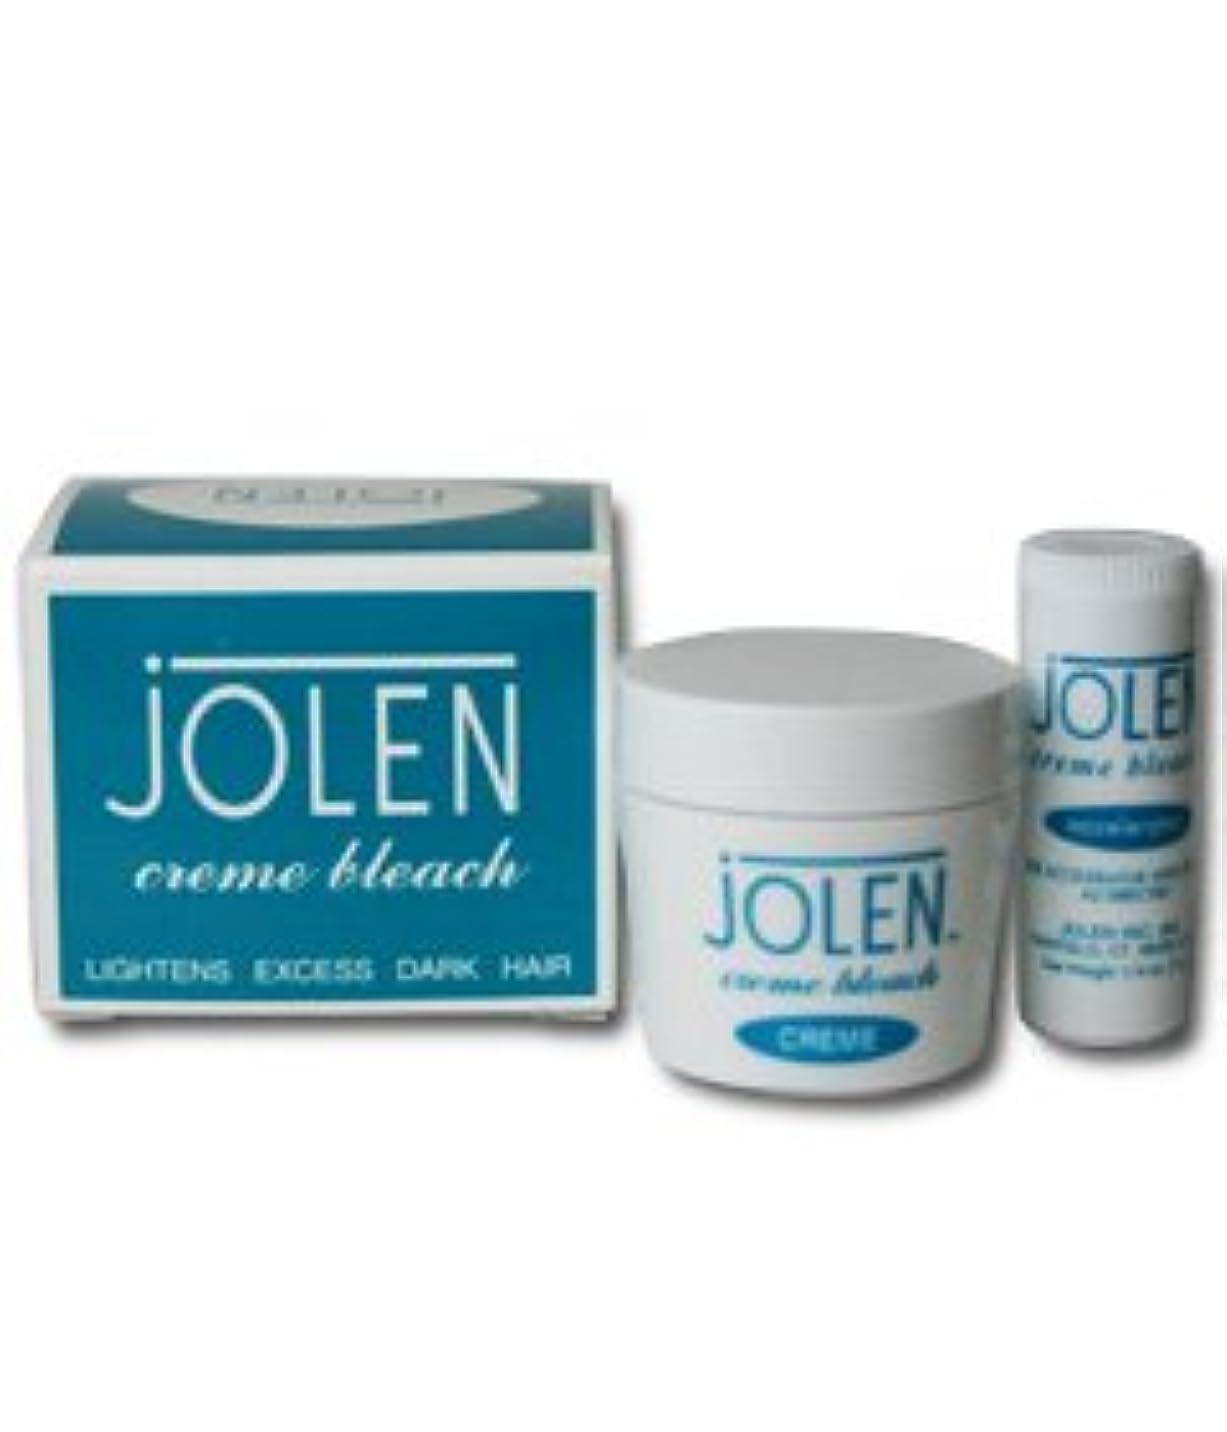 水揺れる資格情報JOLEN (ジョレン)  クリームブリーチ(海外発送商品)